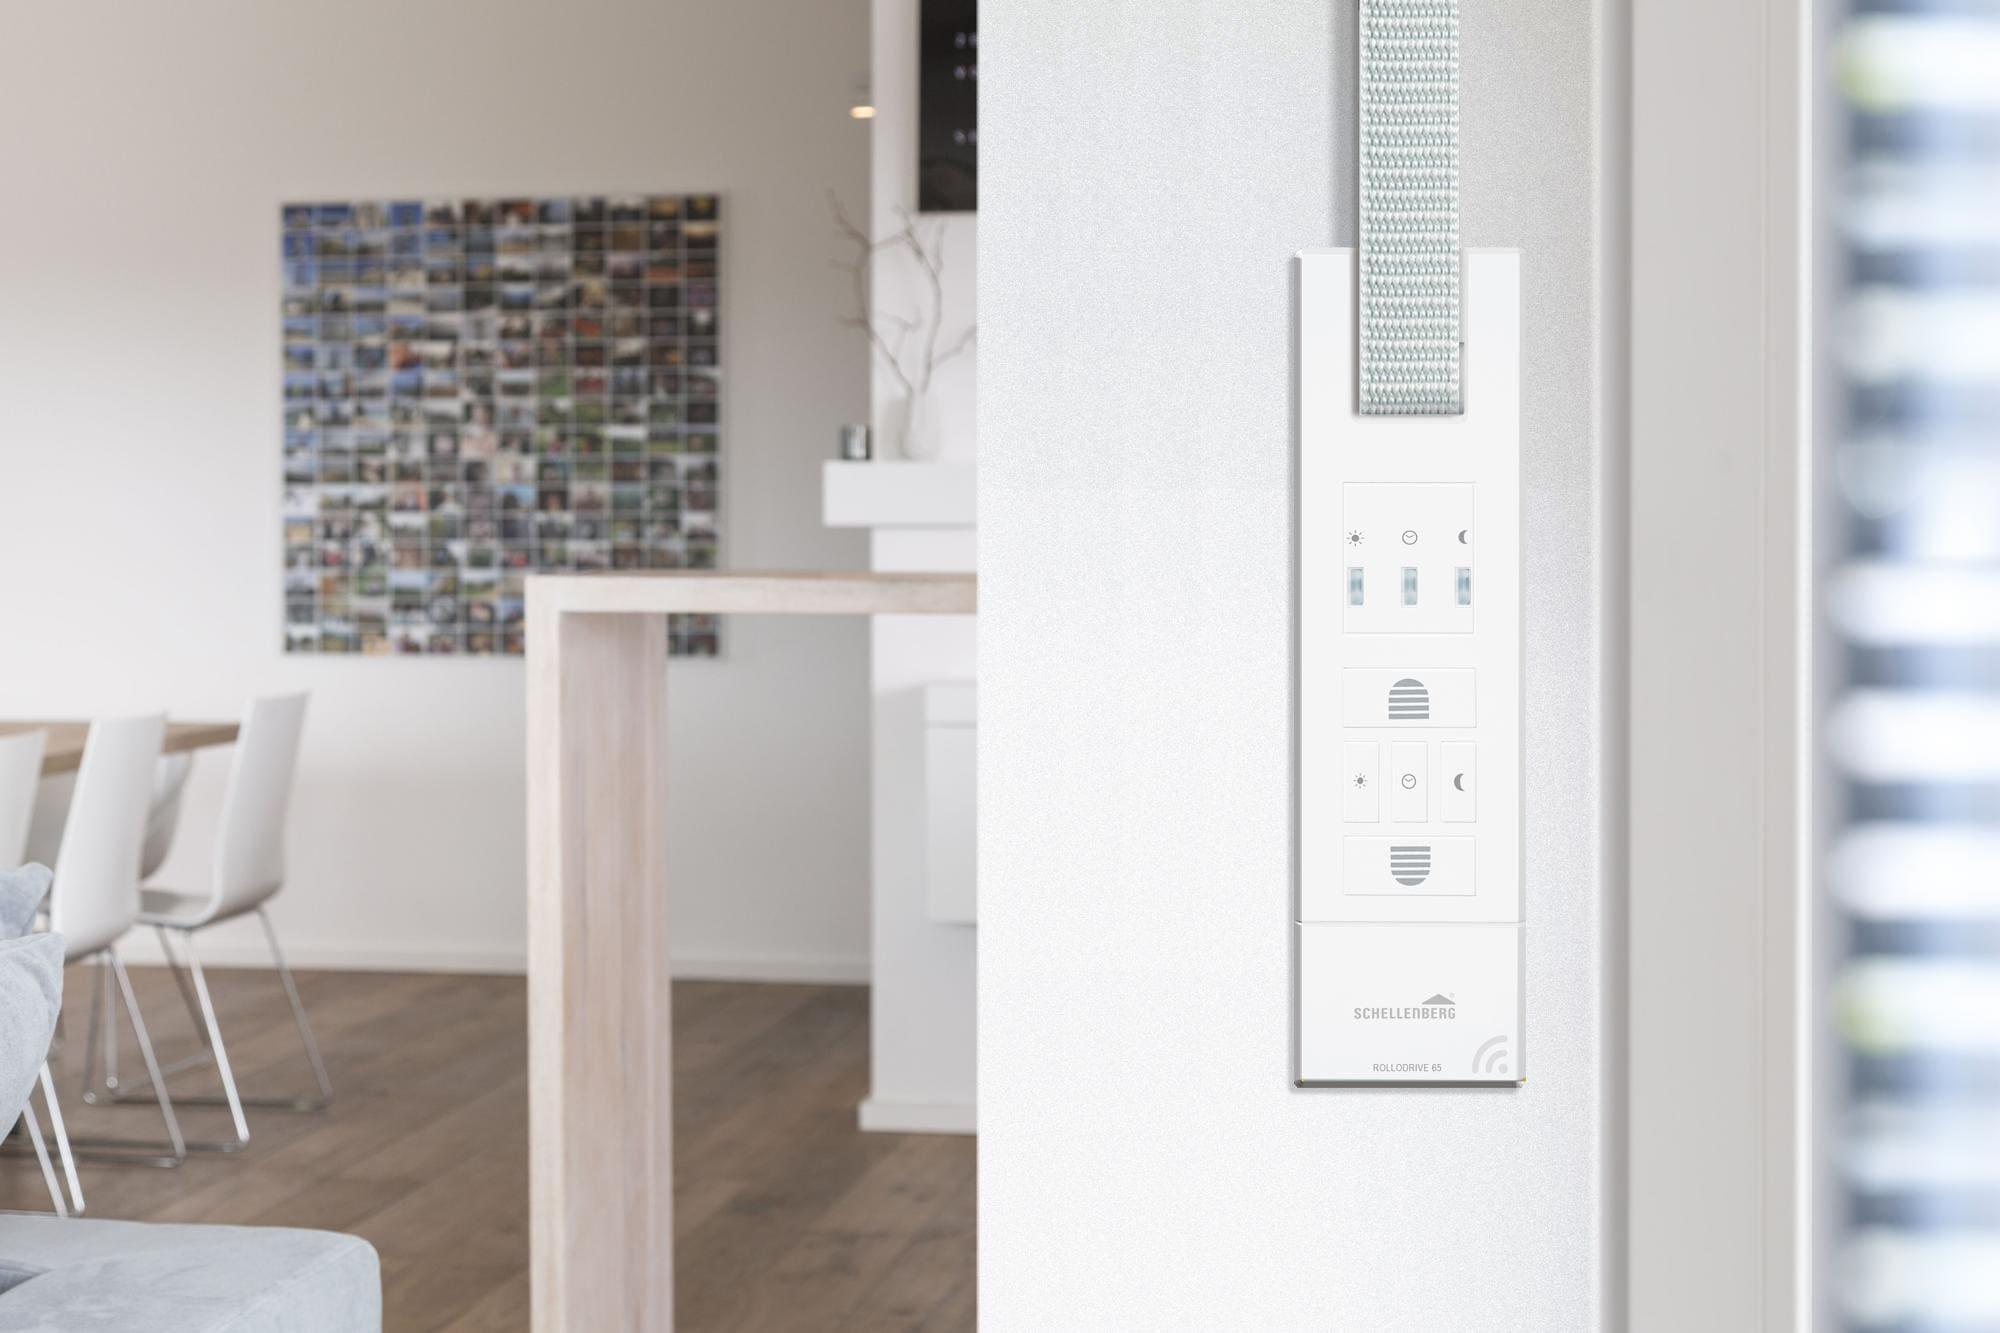 schellenberg rollodrive 65 premium elektronischer gurtwickler 10528 von schellenberg bei. Black Bedroom Furniture Sets. Home Design Ideas